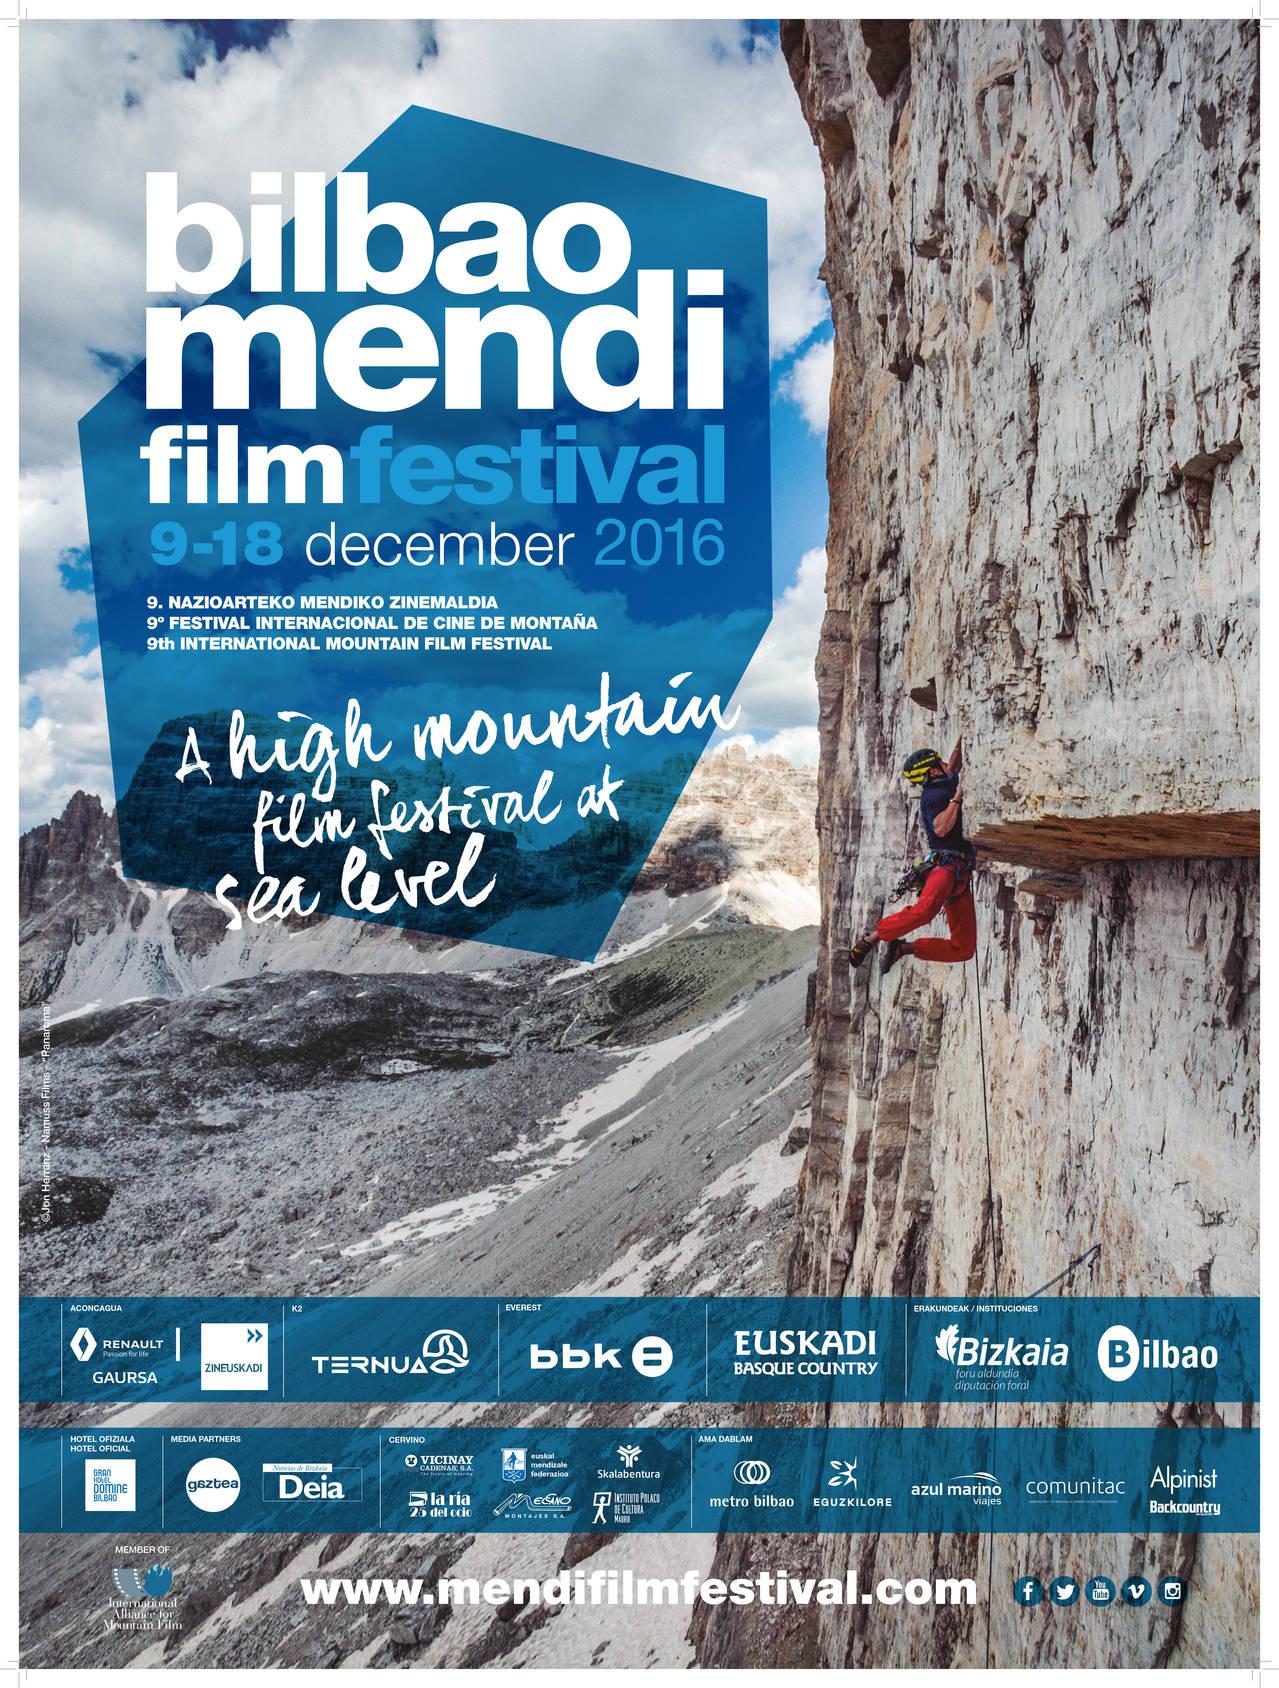 Vielha acuelherà eth milhor cinema de montanha en Mendi Tour